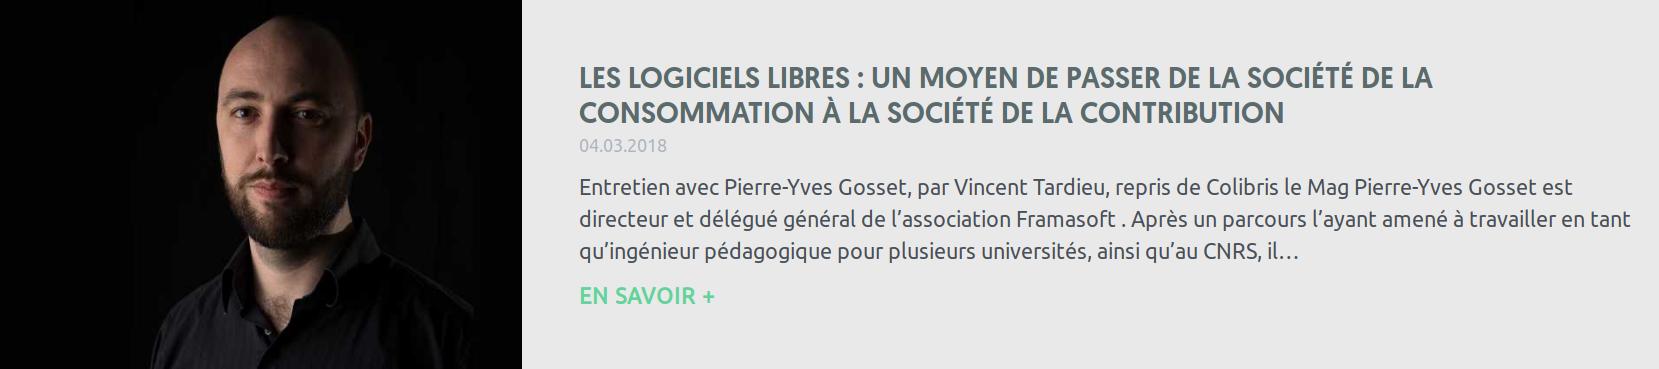 Entretien avec Pierre-Yves Gosset, par Vincent Tardieu, repris de Colibris le Mag Pierre-Yves Gosset est directeur et délégué général de l'association Framasoft